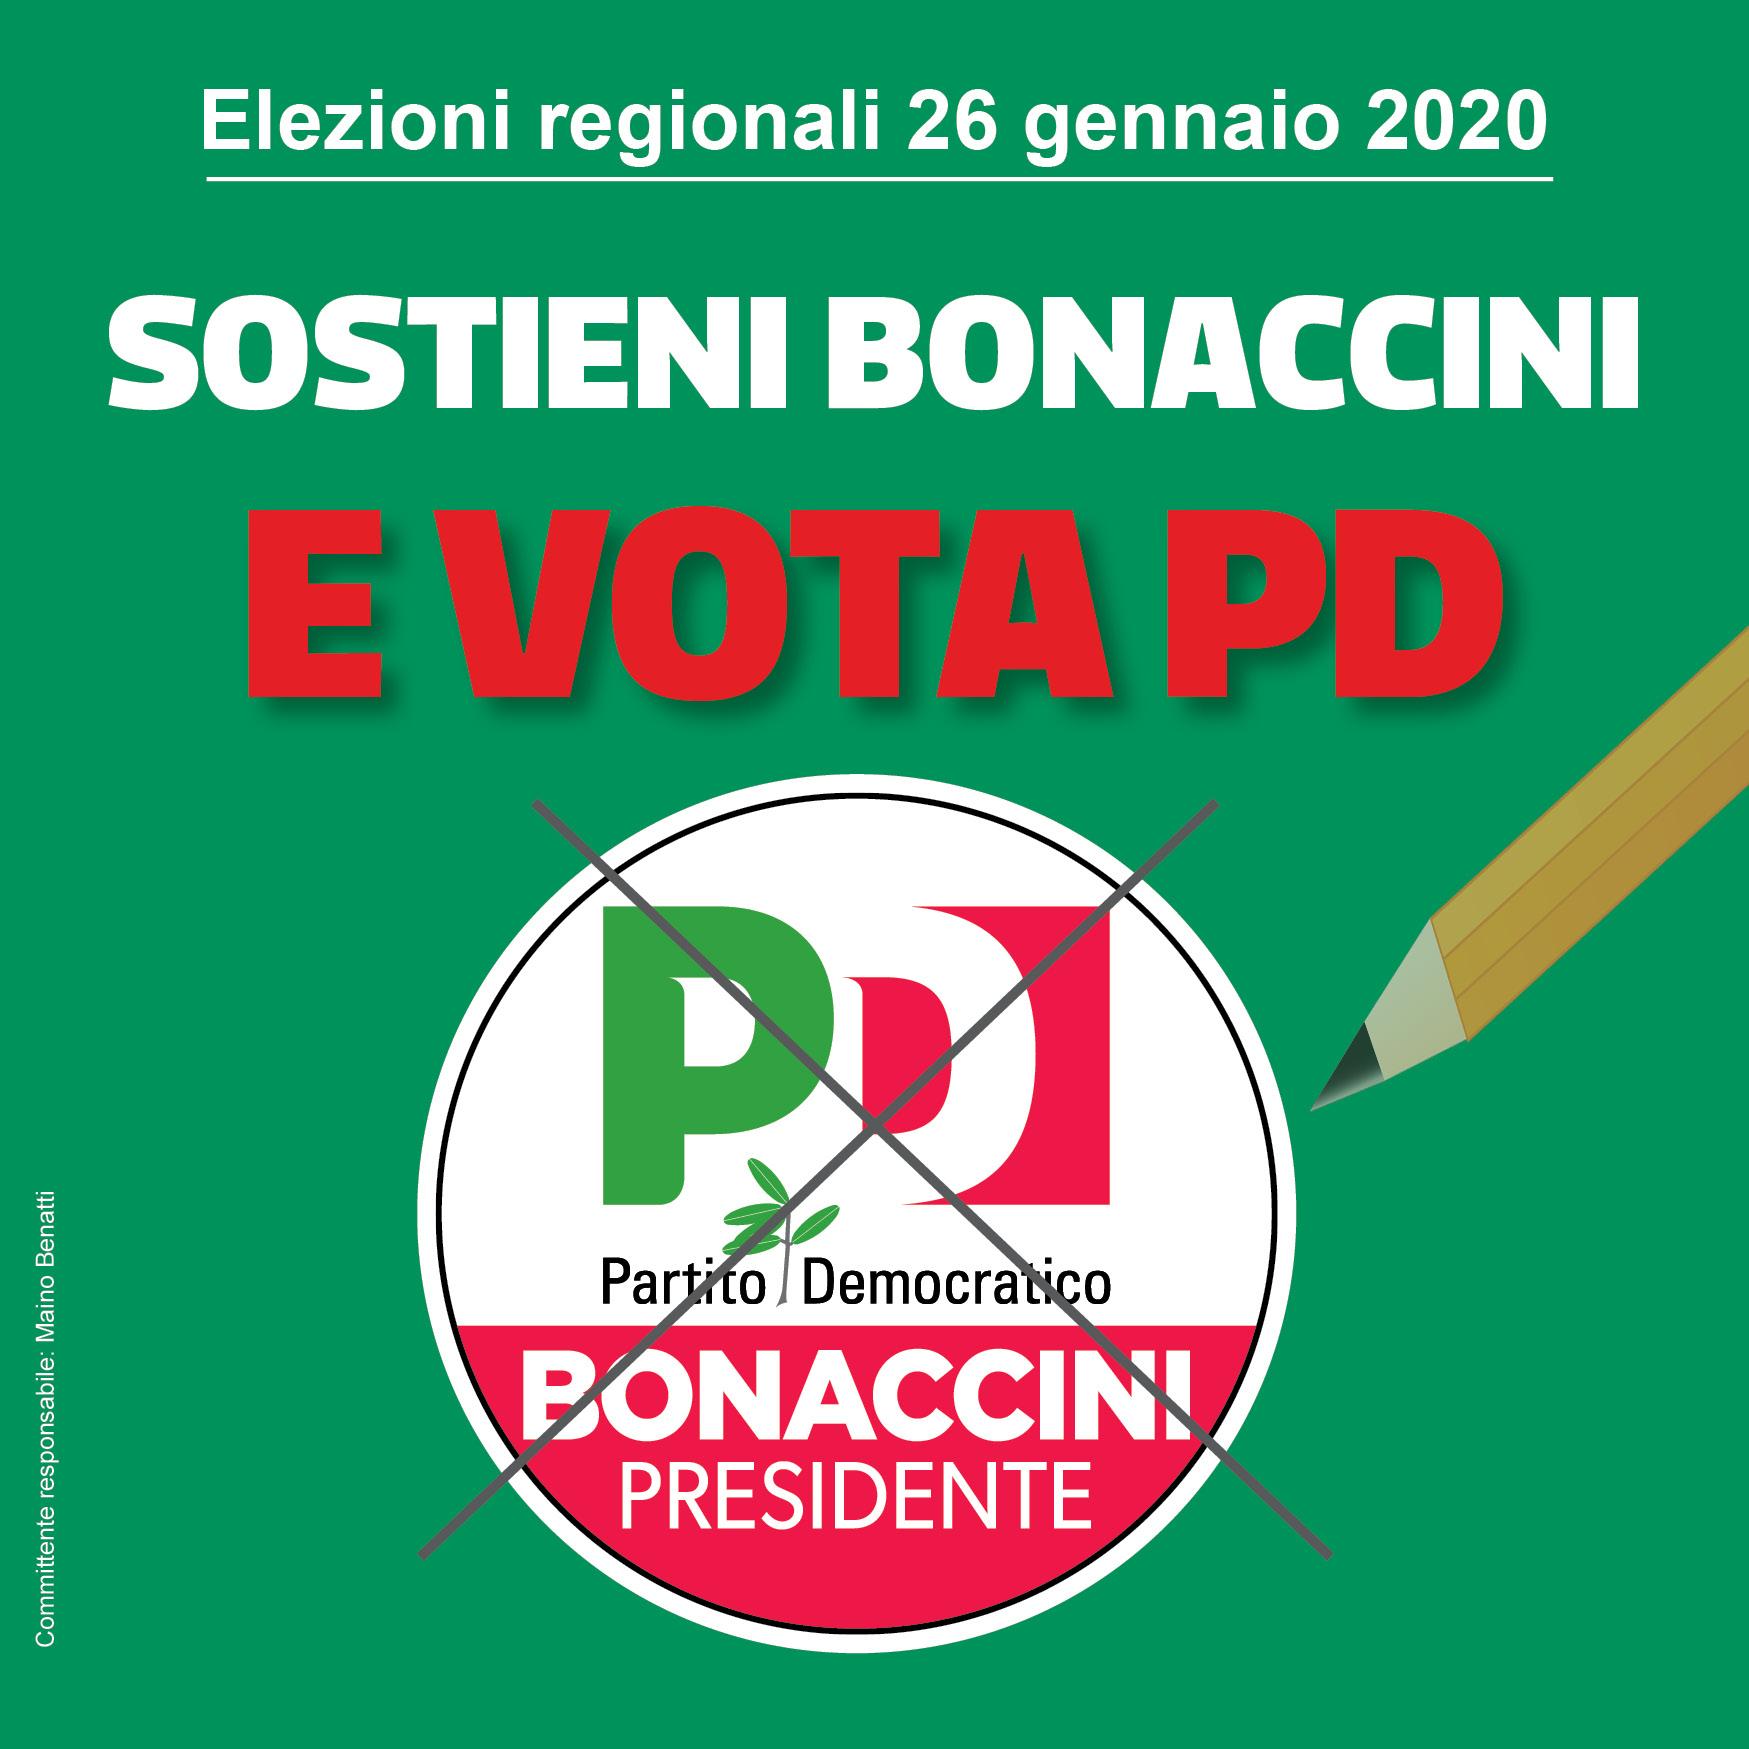 Sostieni Bonaccini e vota Pd